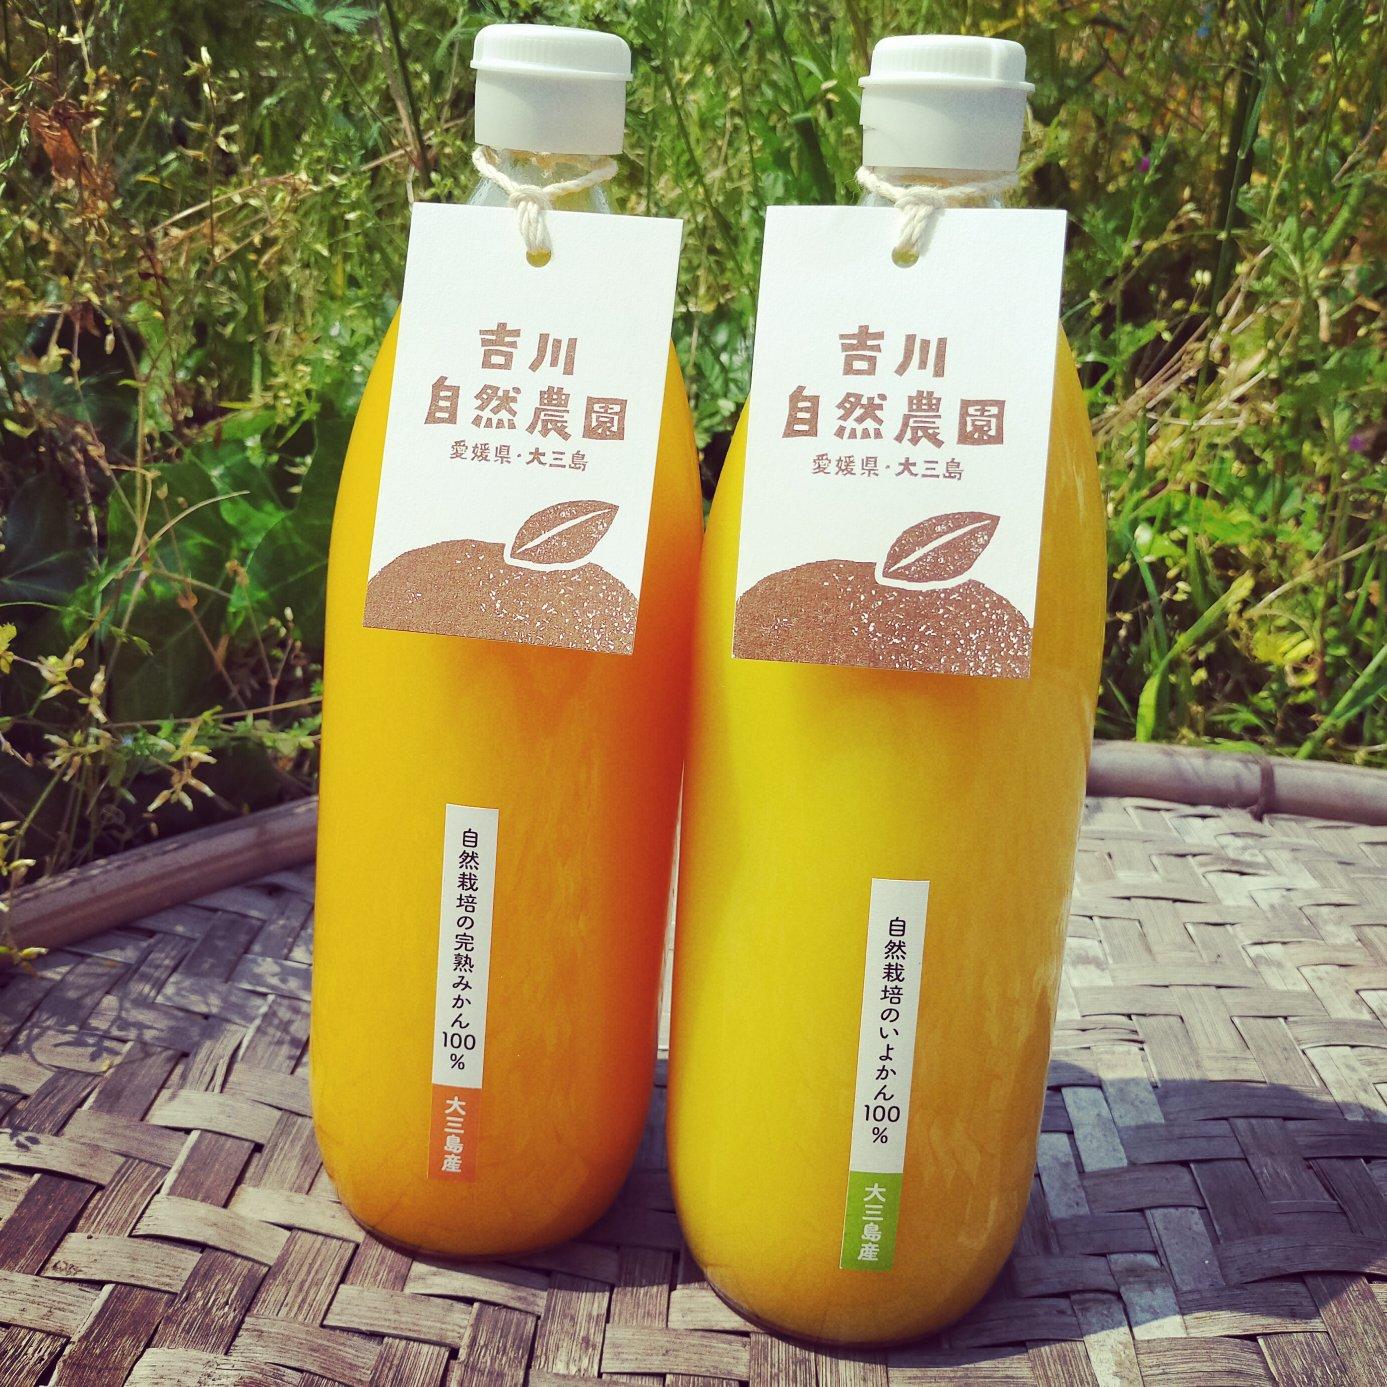 【飲み比べセット】無添加柑橘ジュース 1000ml×4本(温州みかんジュースと伊予柑ジュース各2本ずつ) 飲料/ジュース通販